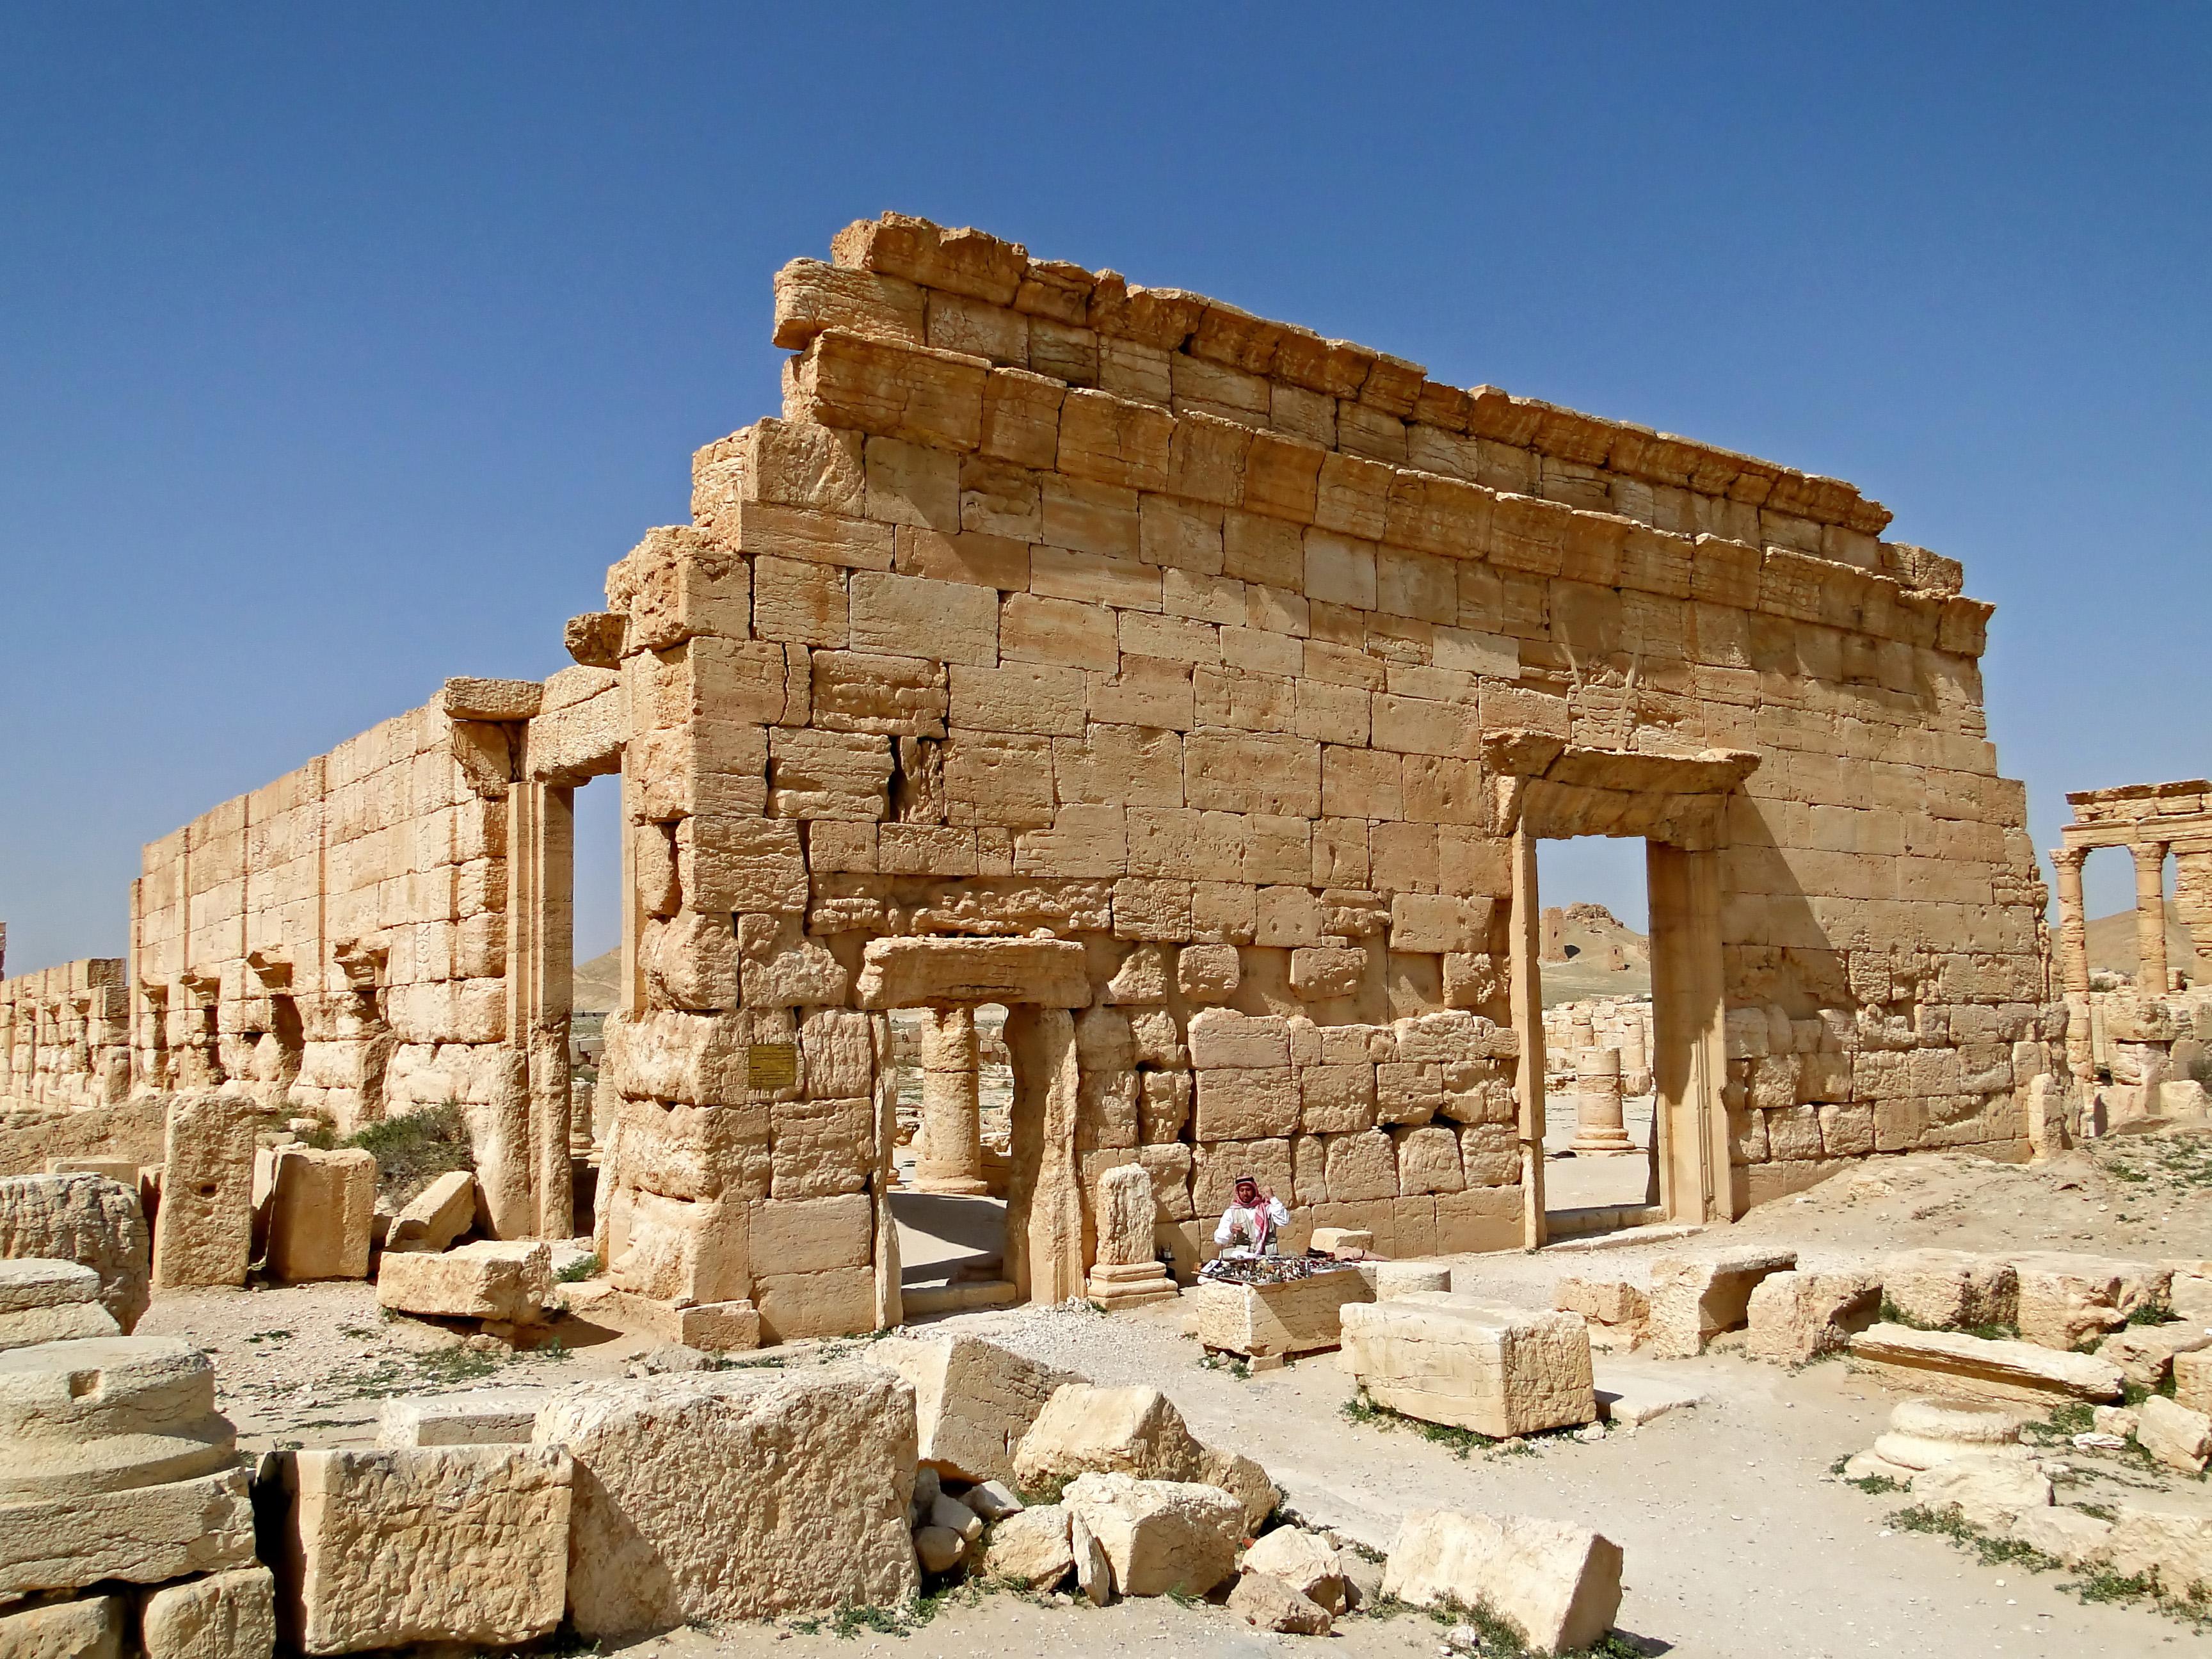 File:Agora of Palmyra.jpg